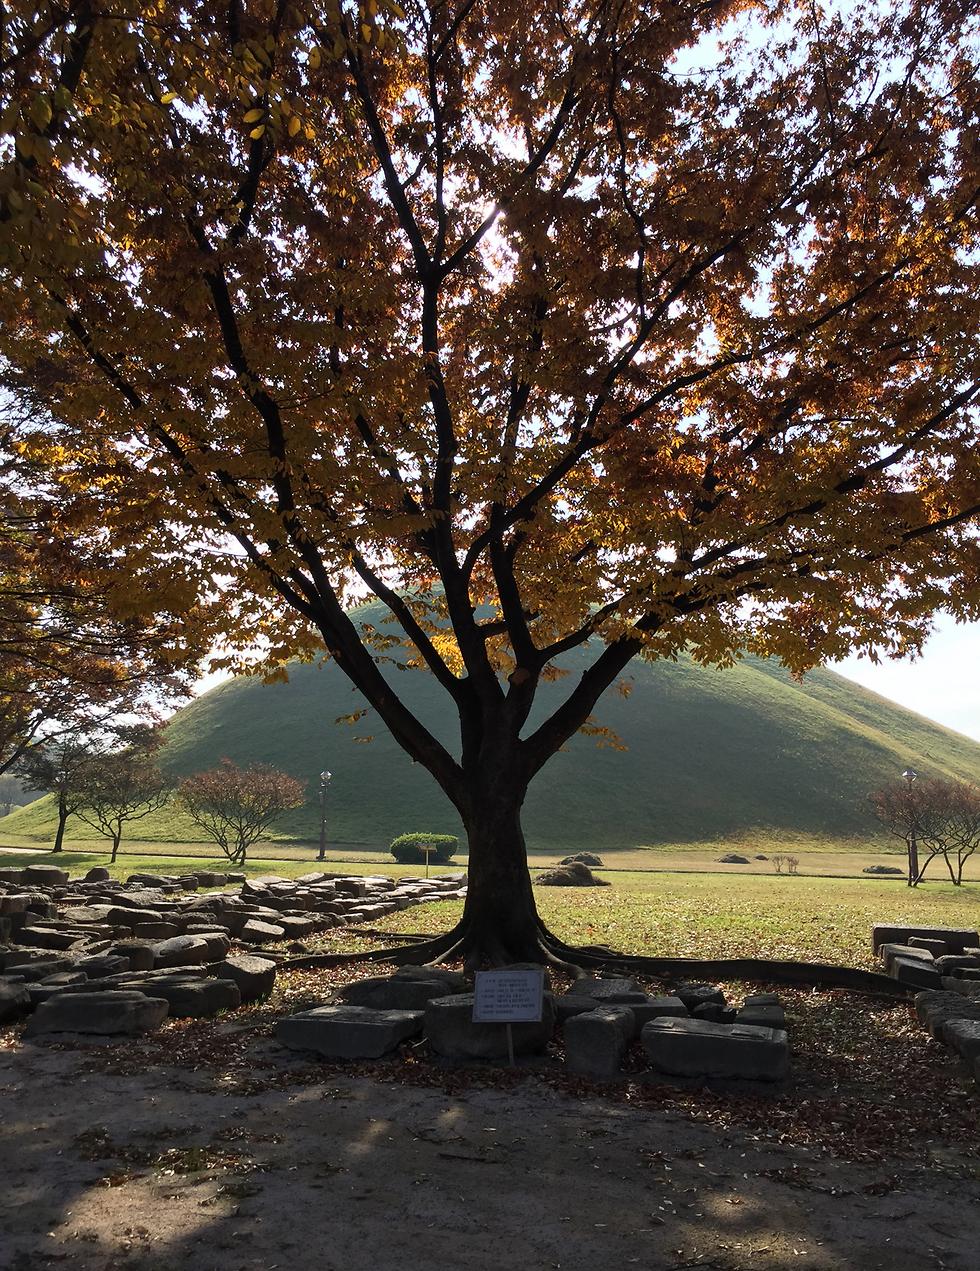 קבר מלך מתחת לטומולוס (עירום עפר) כיפתי, אתר דארוונגון, ג'יונגג'ו ()